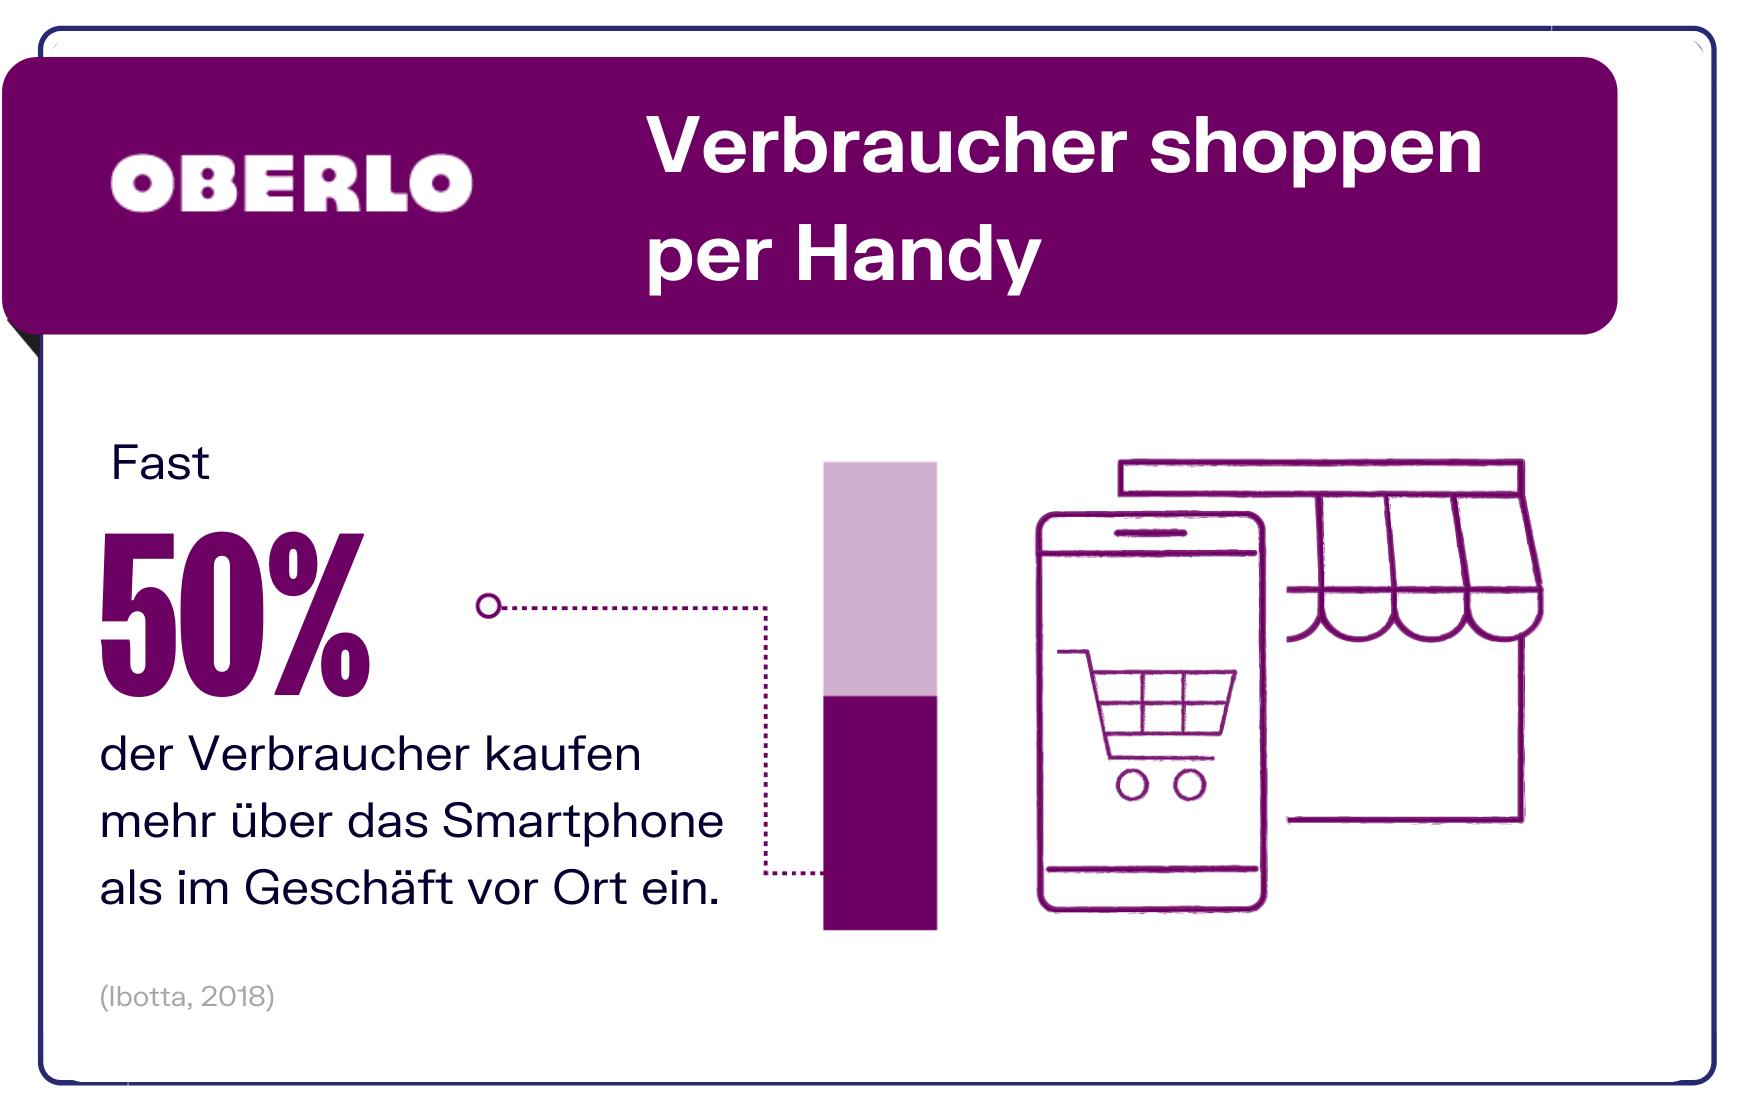 Einkaufen per Handy